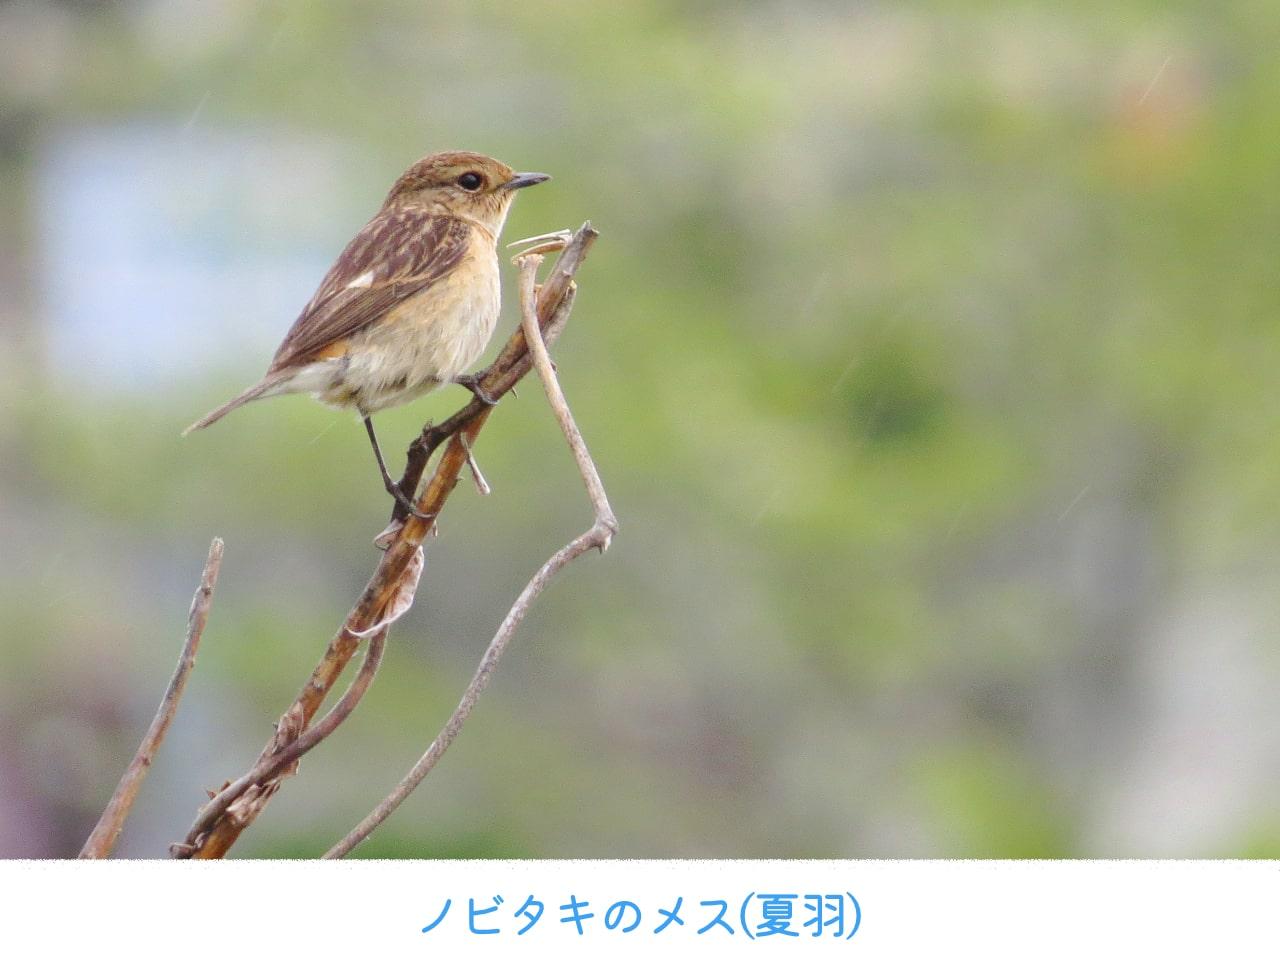 ノビタキのメスの夏羽